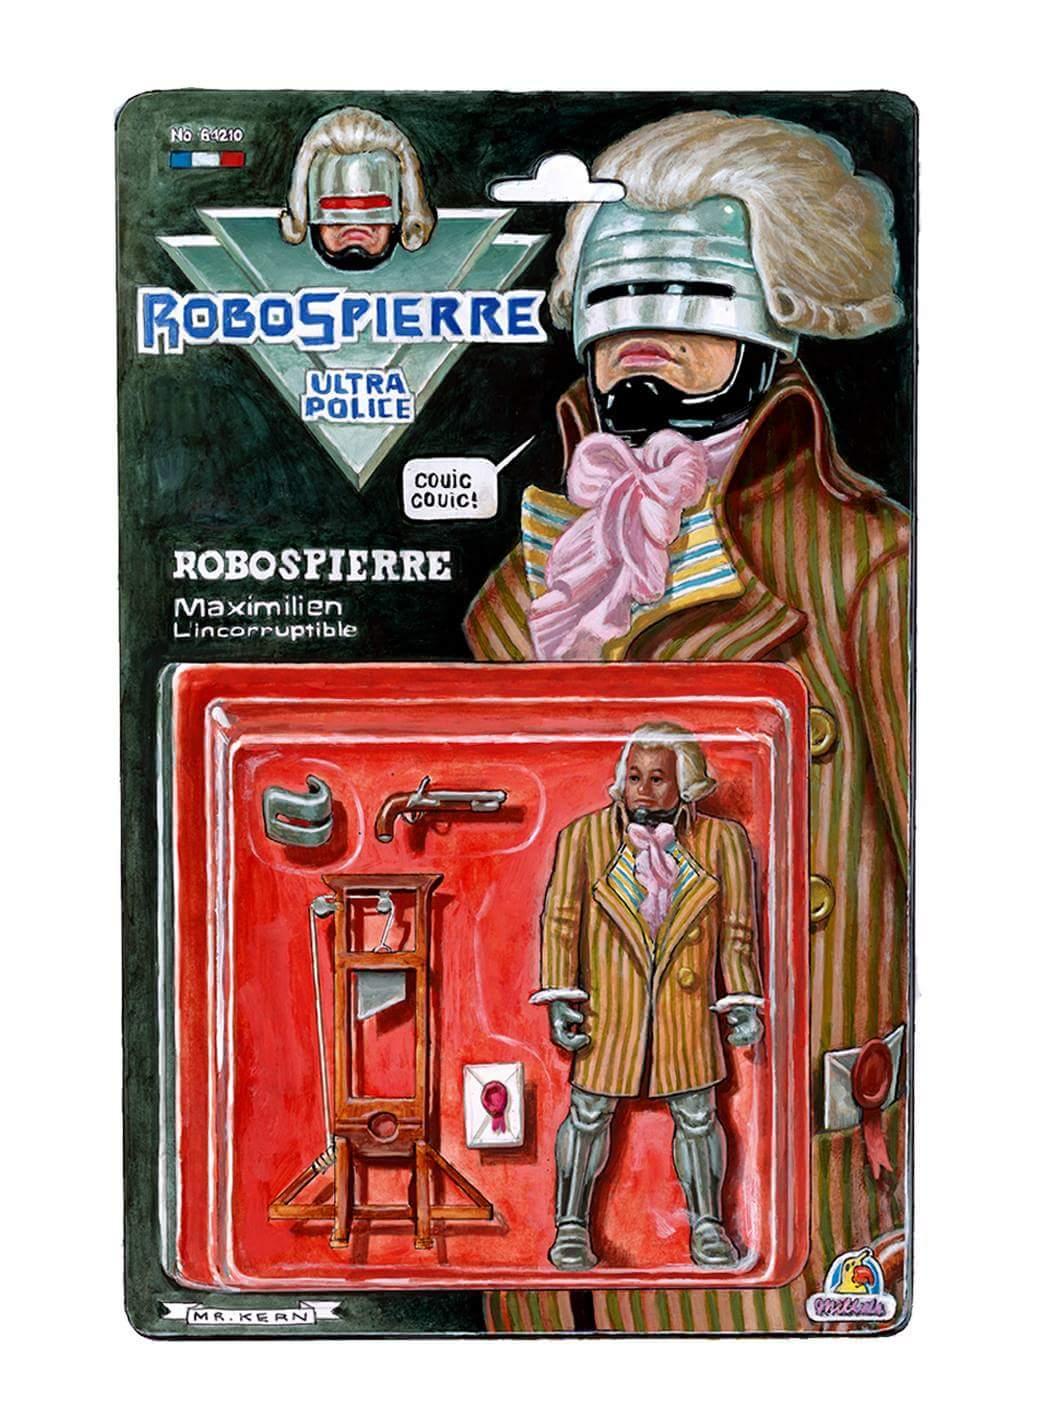 Sticker risitas robespierre robot robotspierre robocop revolution roi france terreur communisme